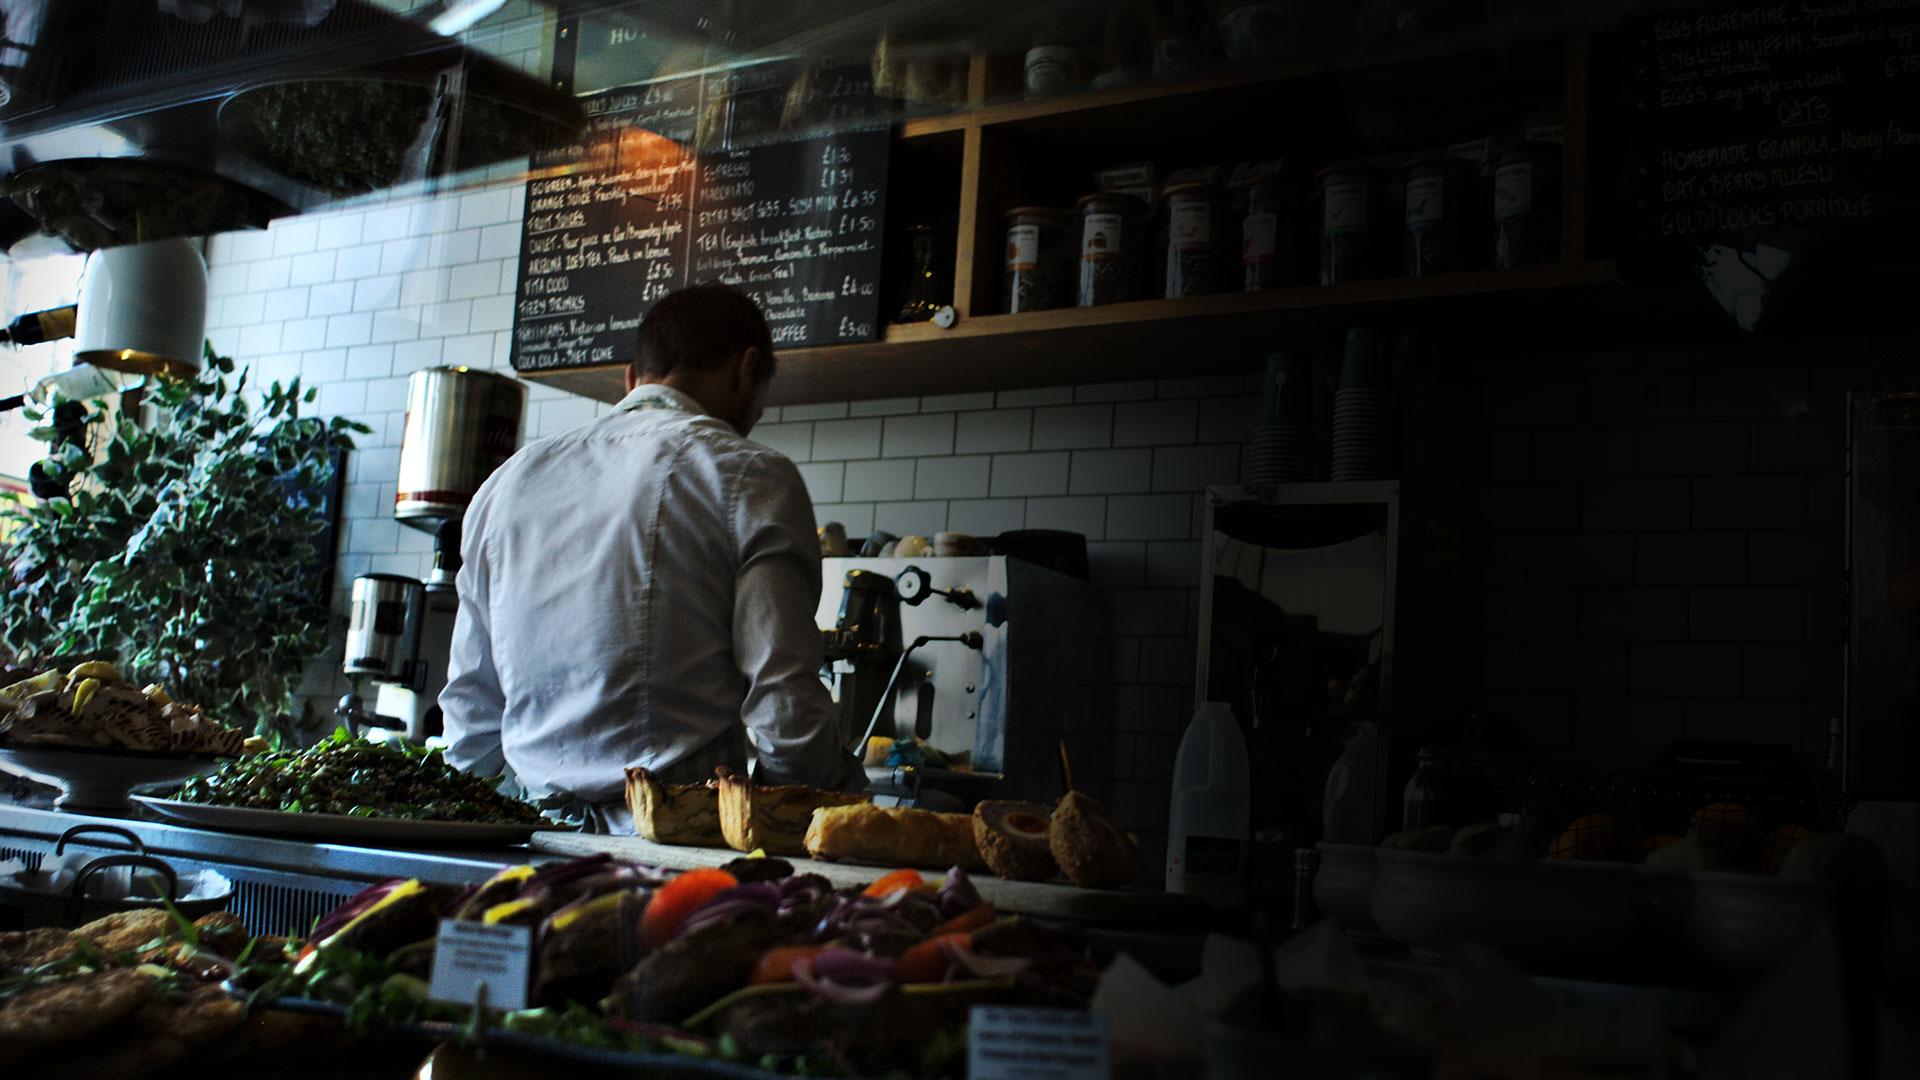 restaurant_bg_2.jpg